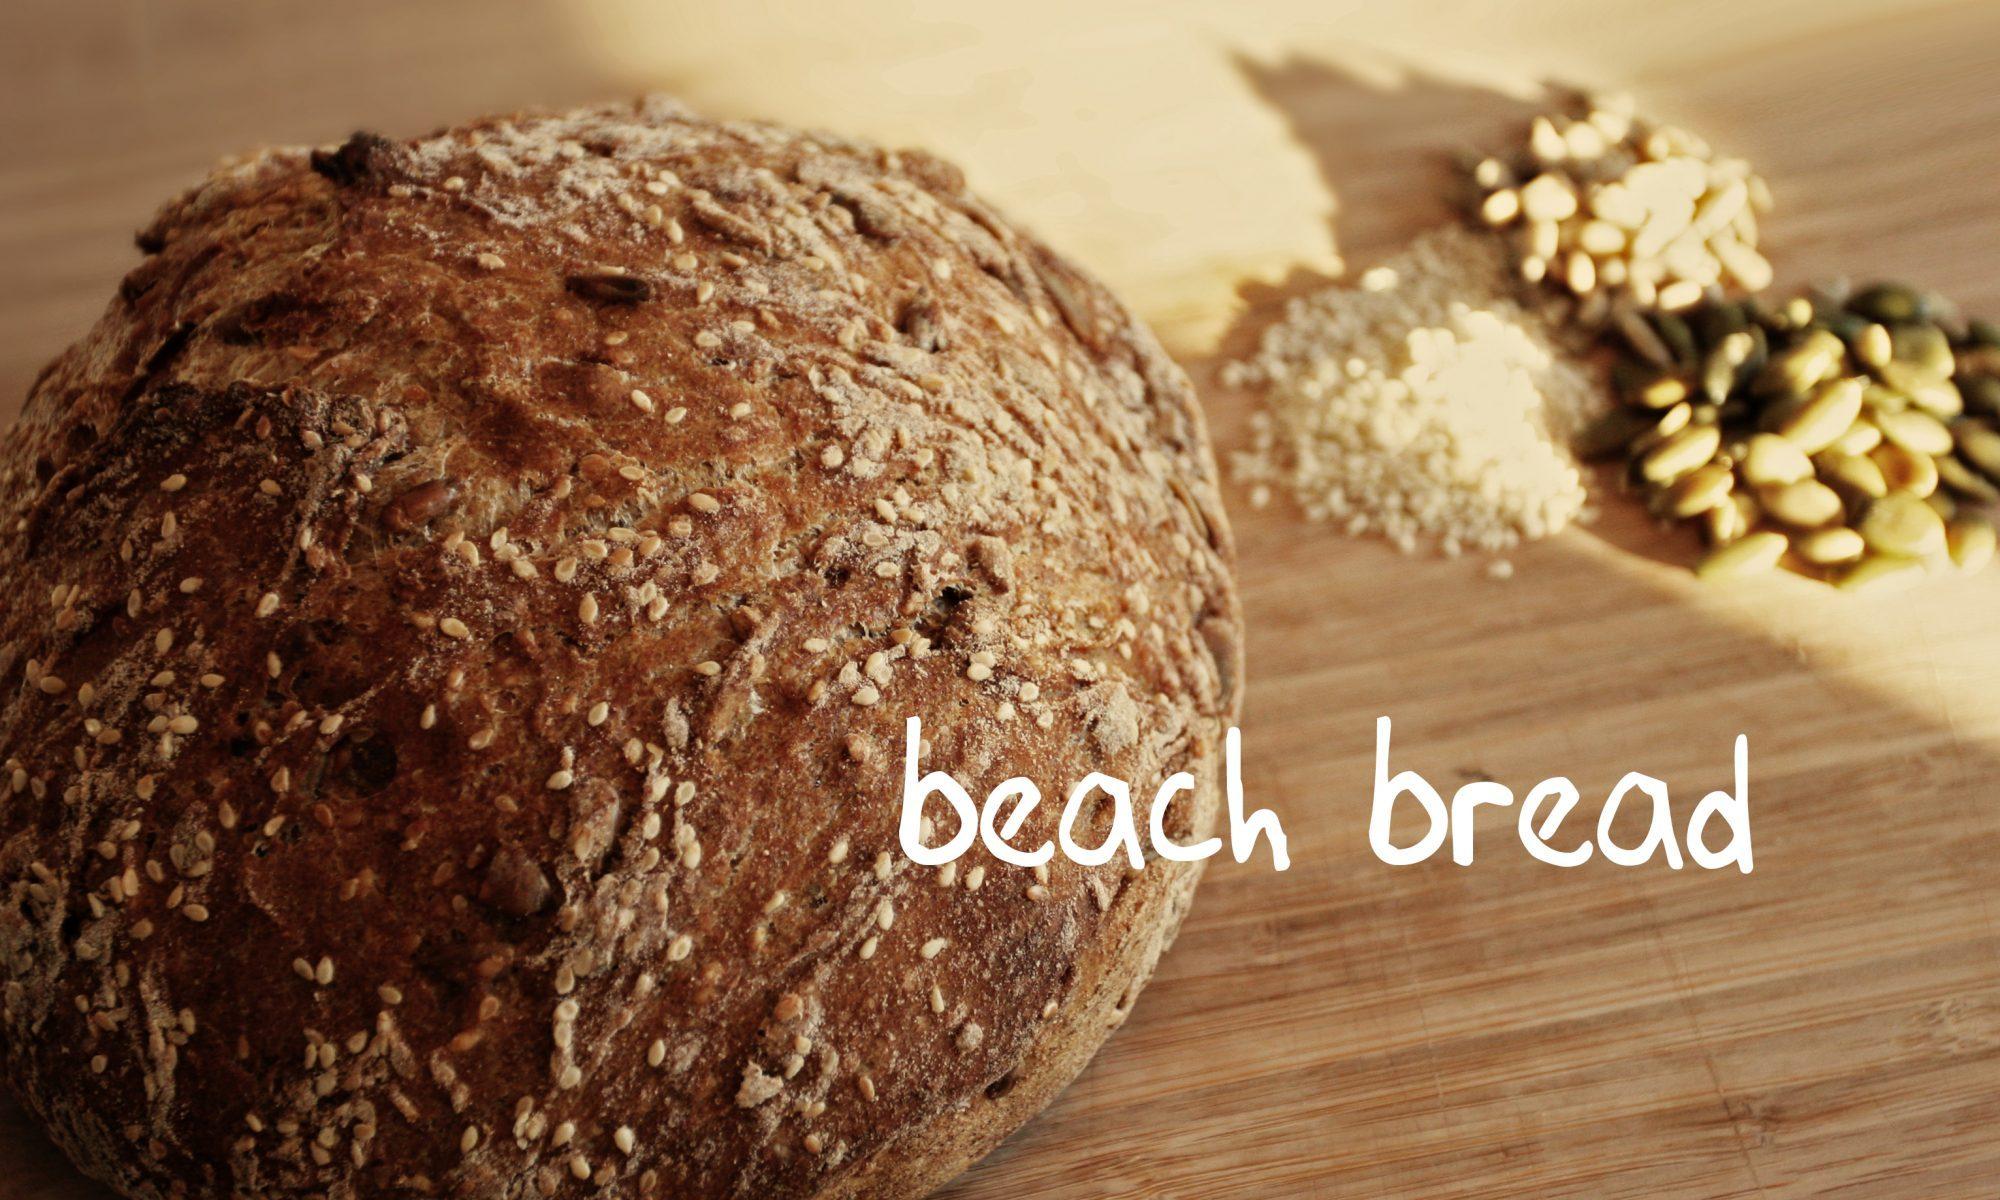 Beach BreaD